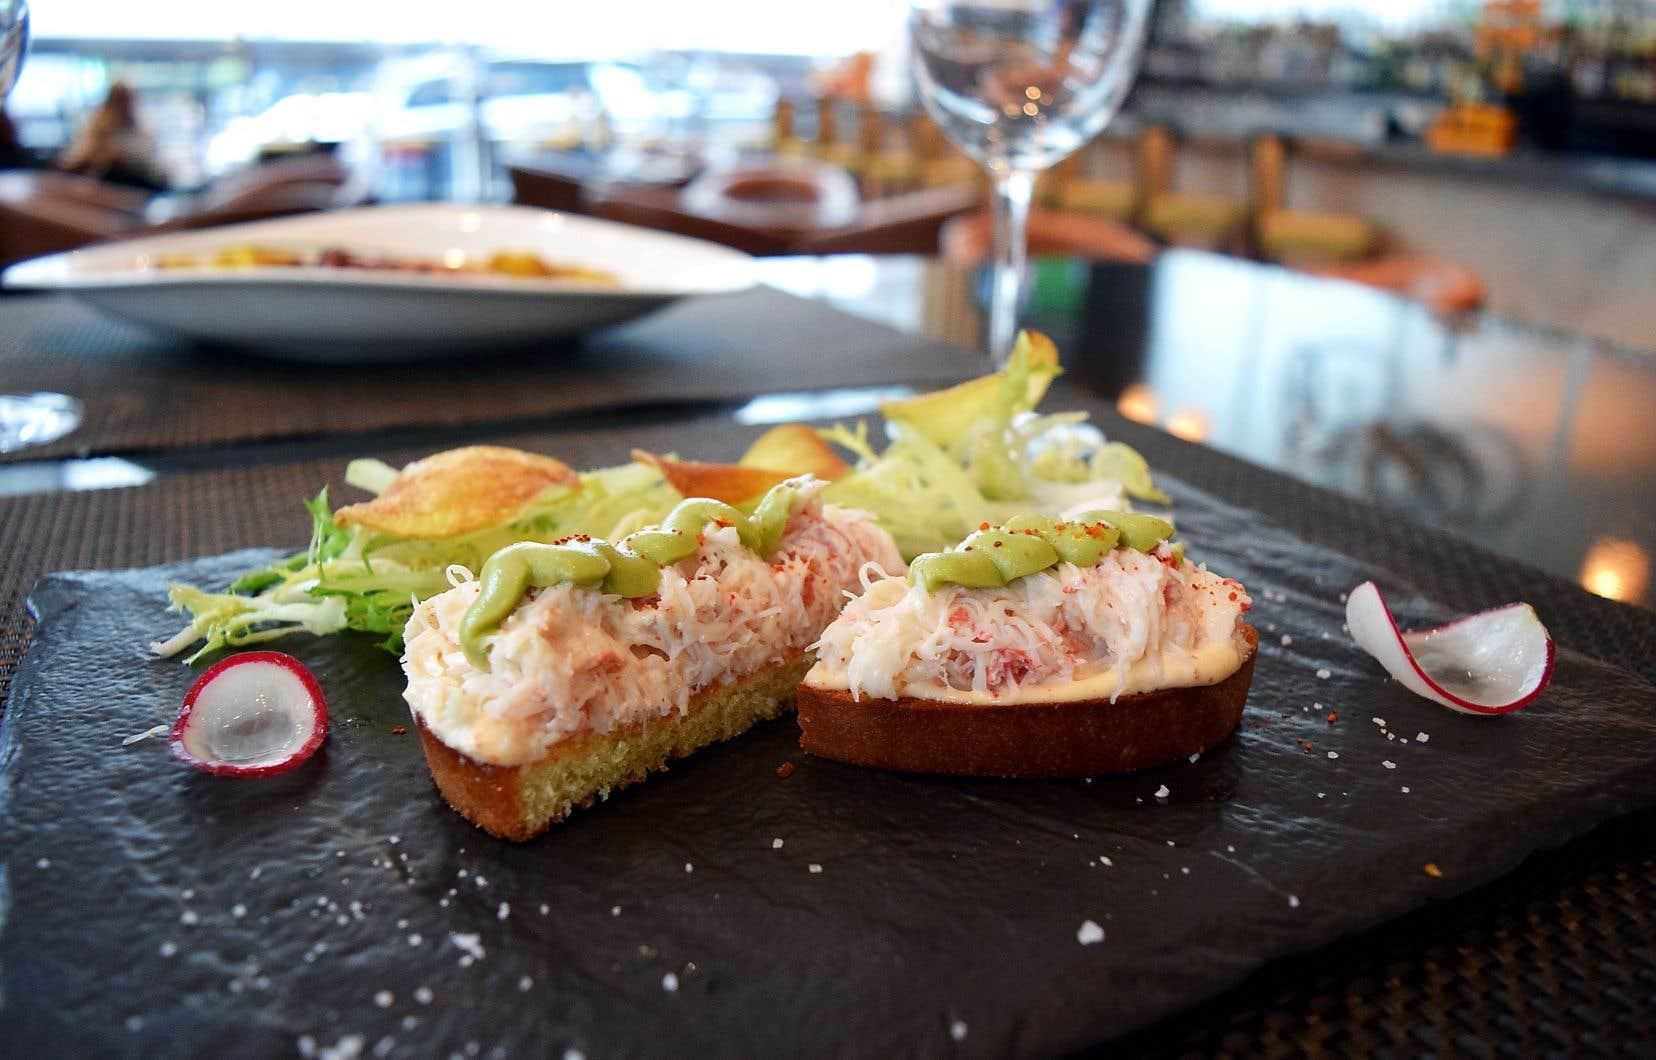 Dresser le crabe mayonnaise sur la brioche, ajouter une quenelle de purée d'avocat.